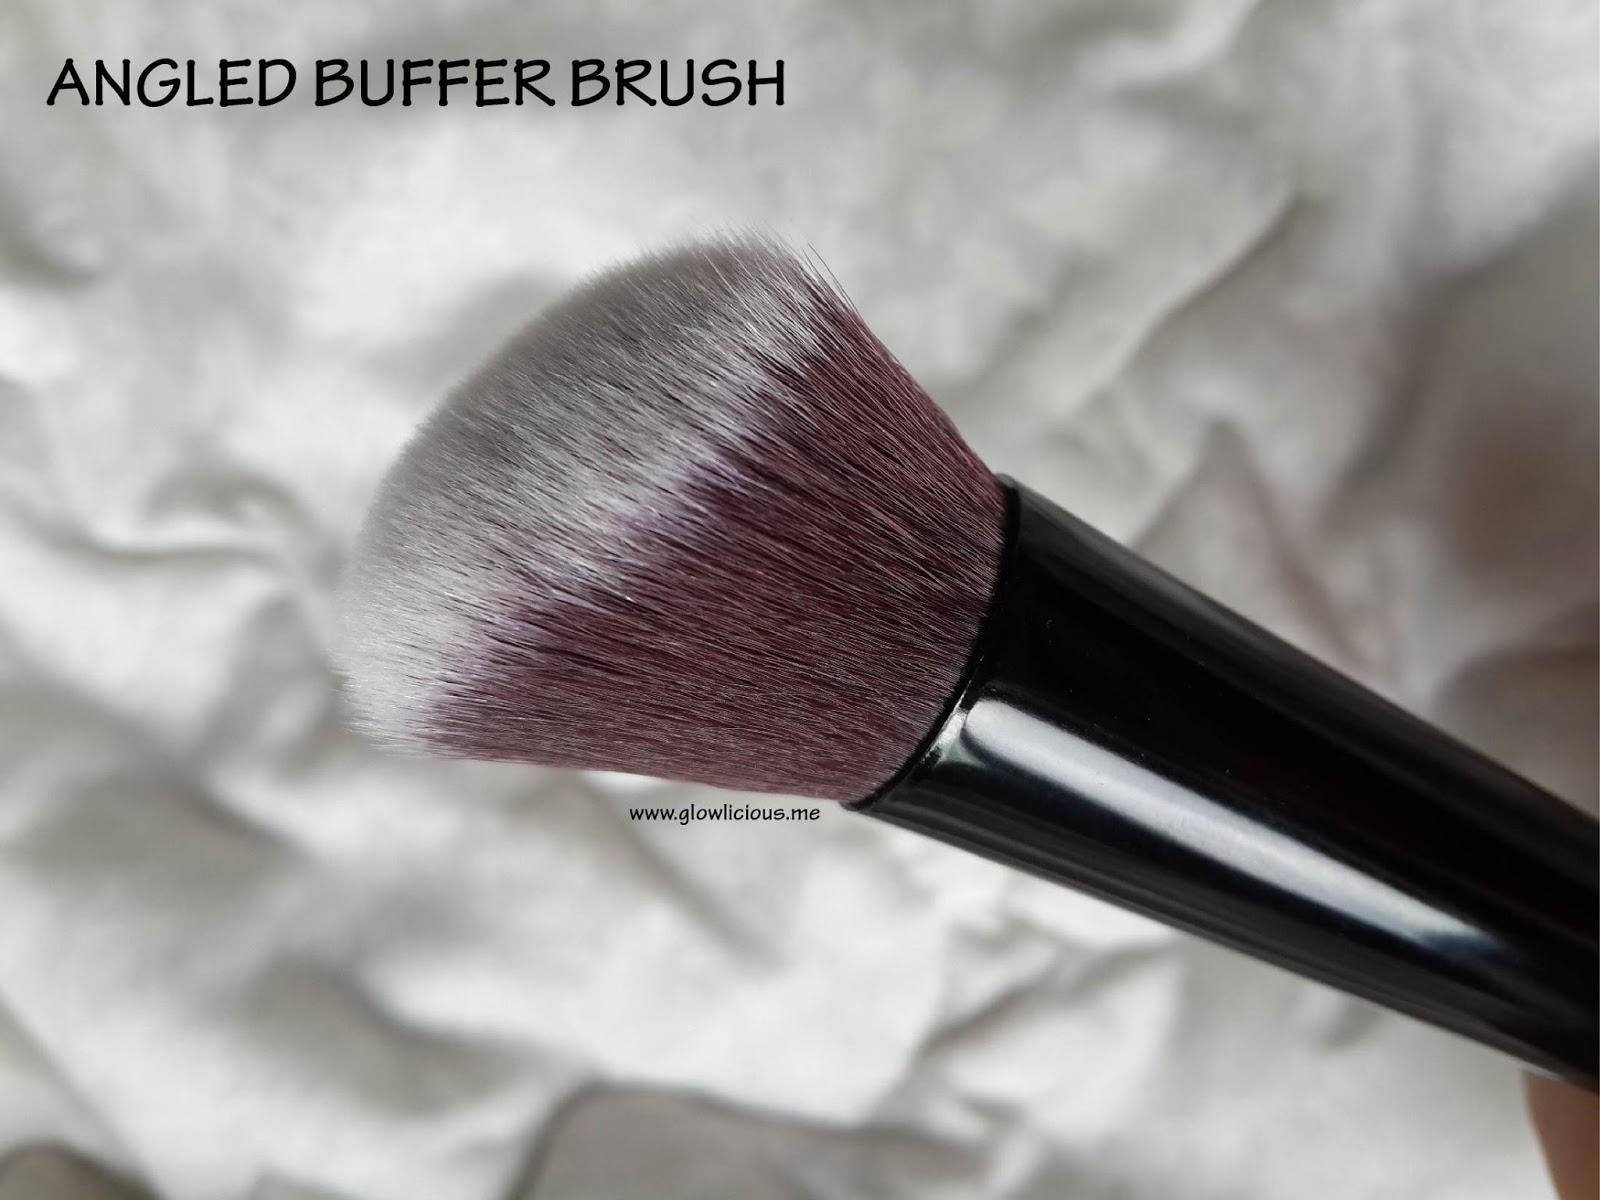 Review | Born Pretty Store 5 Pieces Makeup Brush Set. Makeup brush selalu menarik perhatianku walaupun sudah punya beberapa set makeup brush dirumah.  Tetap aja ketika ditawarkan oleh Born Pretty Store pilih product apa yang ingin review? Makeup brushes please :). Apalagi dengan menggunakan brush dalam mengaplikasikan makeup hasilnya juga lebih flawless dan natural. So aku terima makeup brush ini sejak 1 bulan yang lalu. Aku bener - bener suka dari segi bentuk fisik maupun masing - masing kegunaannya. Jadi kalau kamu penasaran dengan ke lima Face Brush ini, please keep reading #maksa hihi.     Sengaja aku pilih warna Hitam, biar ngga ketuker dengan Real Techniques brushes yang akan aku beli nantinya. Seperti yang kita bisa lihat di gambar, bentuk fisiknya mirip sekali dengan Real Techniques. Bener - bener mirip ya?  Terdiri dari 5 pieces yaitu Pointed Brush, Angled Buffer Brush, Flat Angled Buffer Brush, Flat Top Buffer Brush dan Round Buffer Brush. Set of 5 pieces BornPrettyStore Makeup Brush ini merupakan brush sintesis yang dibuat dari bahan Nylon hair dengan panjang 16cm. Walaupun handlenya kelihatan mengkilat tapi ketika digunakan tidak licin dan nyaman. Bagian bawah dari handle brush ini berbentuk datar sehingga memudahkan kita untuk menyimpannya.  1. POINTED BRUSH   Pointed brush dengan bentuknya yang unik dan bulu yang lembut dapat digunakan untuk mengaplikasikan concealer maupun foundation di area wajah tertentu atau area wajah yang sulit dijangkau.  2. ANGLED BUFFER BRUSH  Aku sudah coba menggunakan Angled Buffer Brush ini untuk mengaplikasikan blush atau bronzer di wajahku dan hasilnya aku suka banget. Penggunaannya sangat mudah (ngga pake salah aplikasi lol) karena didukung bentuk yang sedikit miring.  3. FLAT ANGLED BUFFER BRUSH  Flat Angled Buffer Brush ini bisa digunakan untuk mengaplikasikan makeup dalam bentuk cream, liquid maupun powder. Tapi memang untuk hasil terbaik, penggunaannya adalah untuk cream atau powder.  4. ROUND BUFFER BRUSH  Round Buf